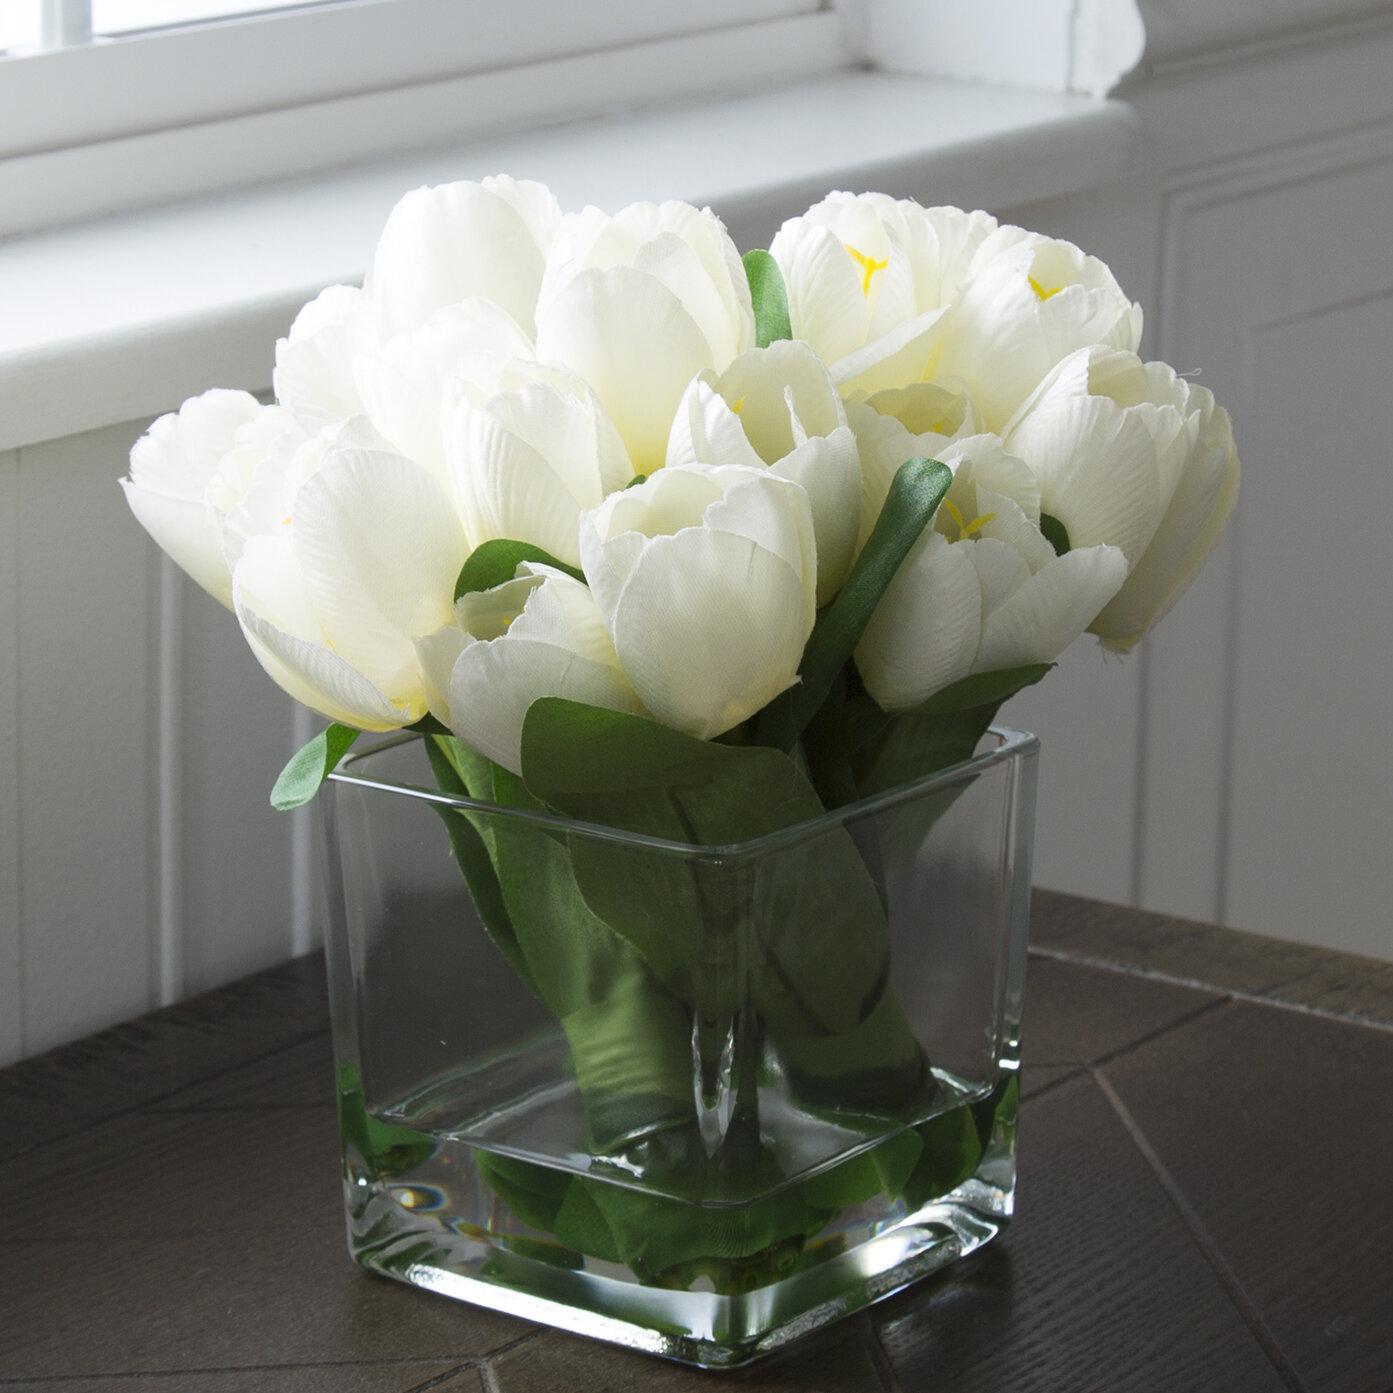 Wayfair & Tulip Floral Arrangement in Glass Vase